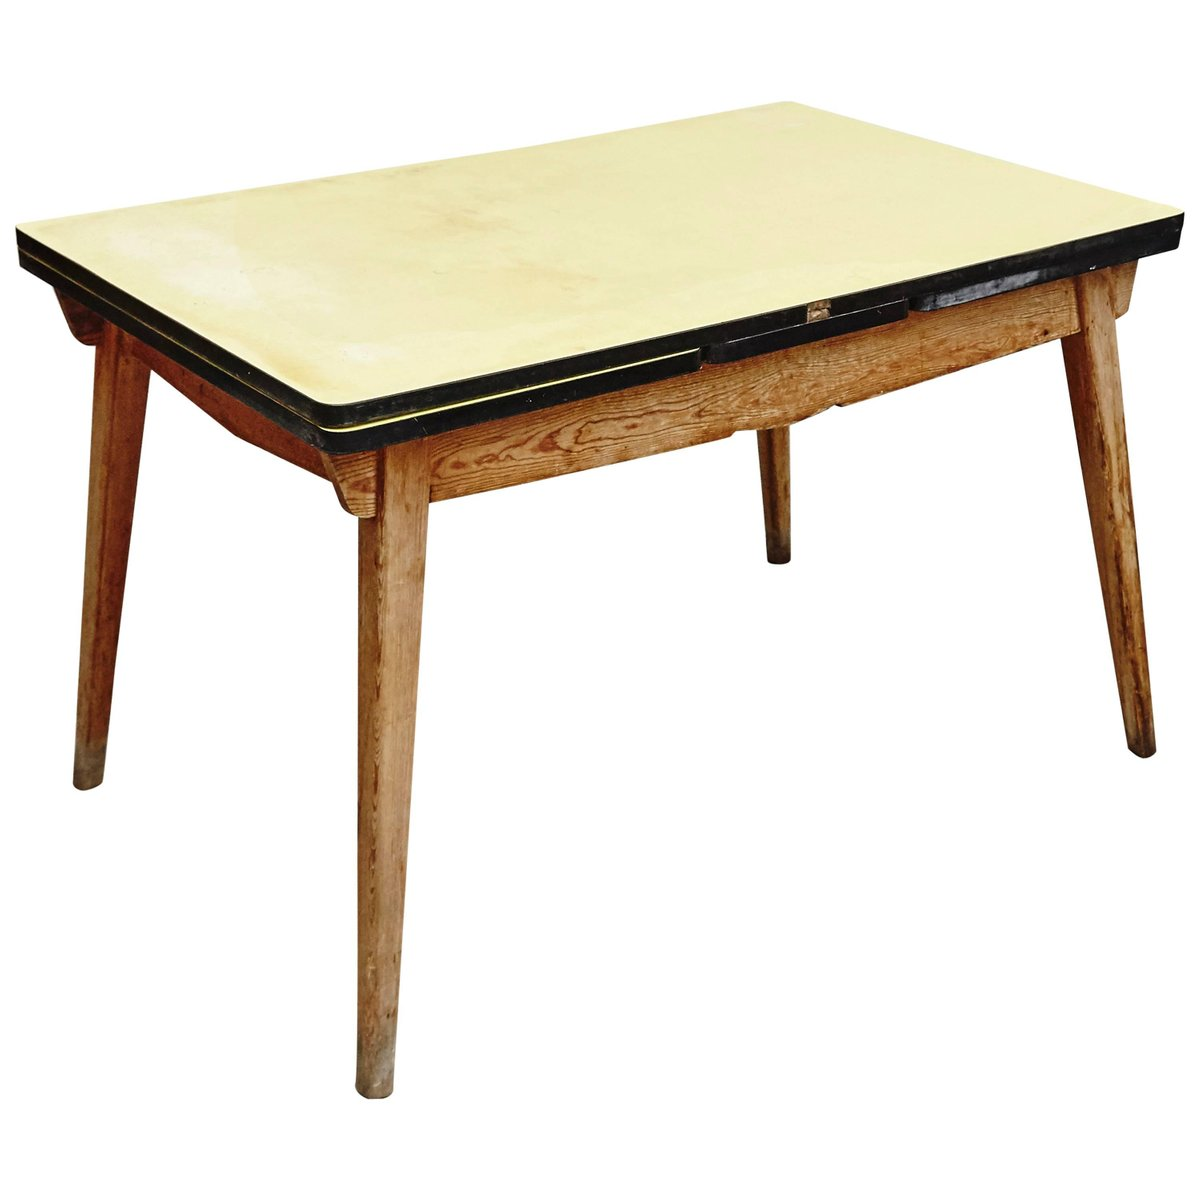 Moderner ausziehbarer Esstisch, 1950er